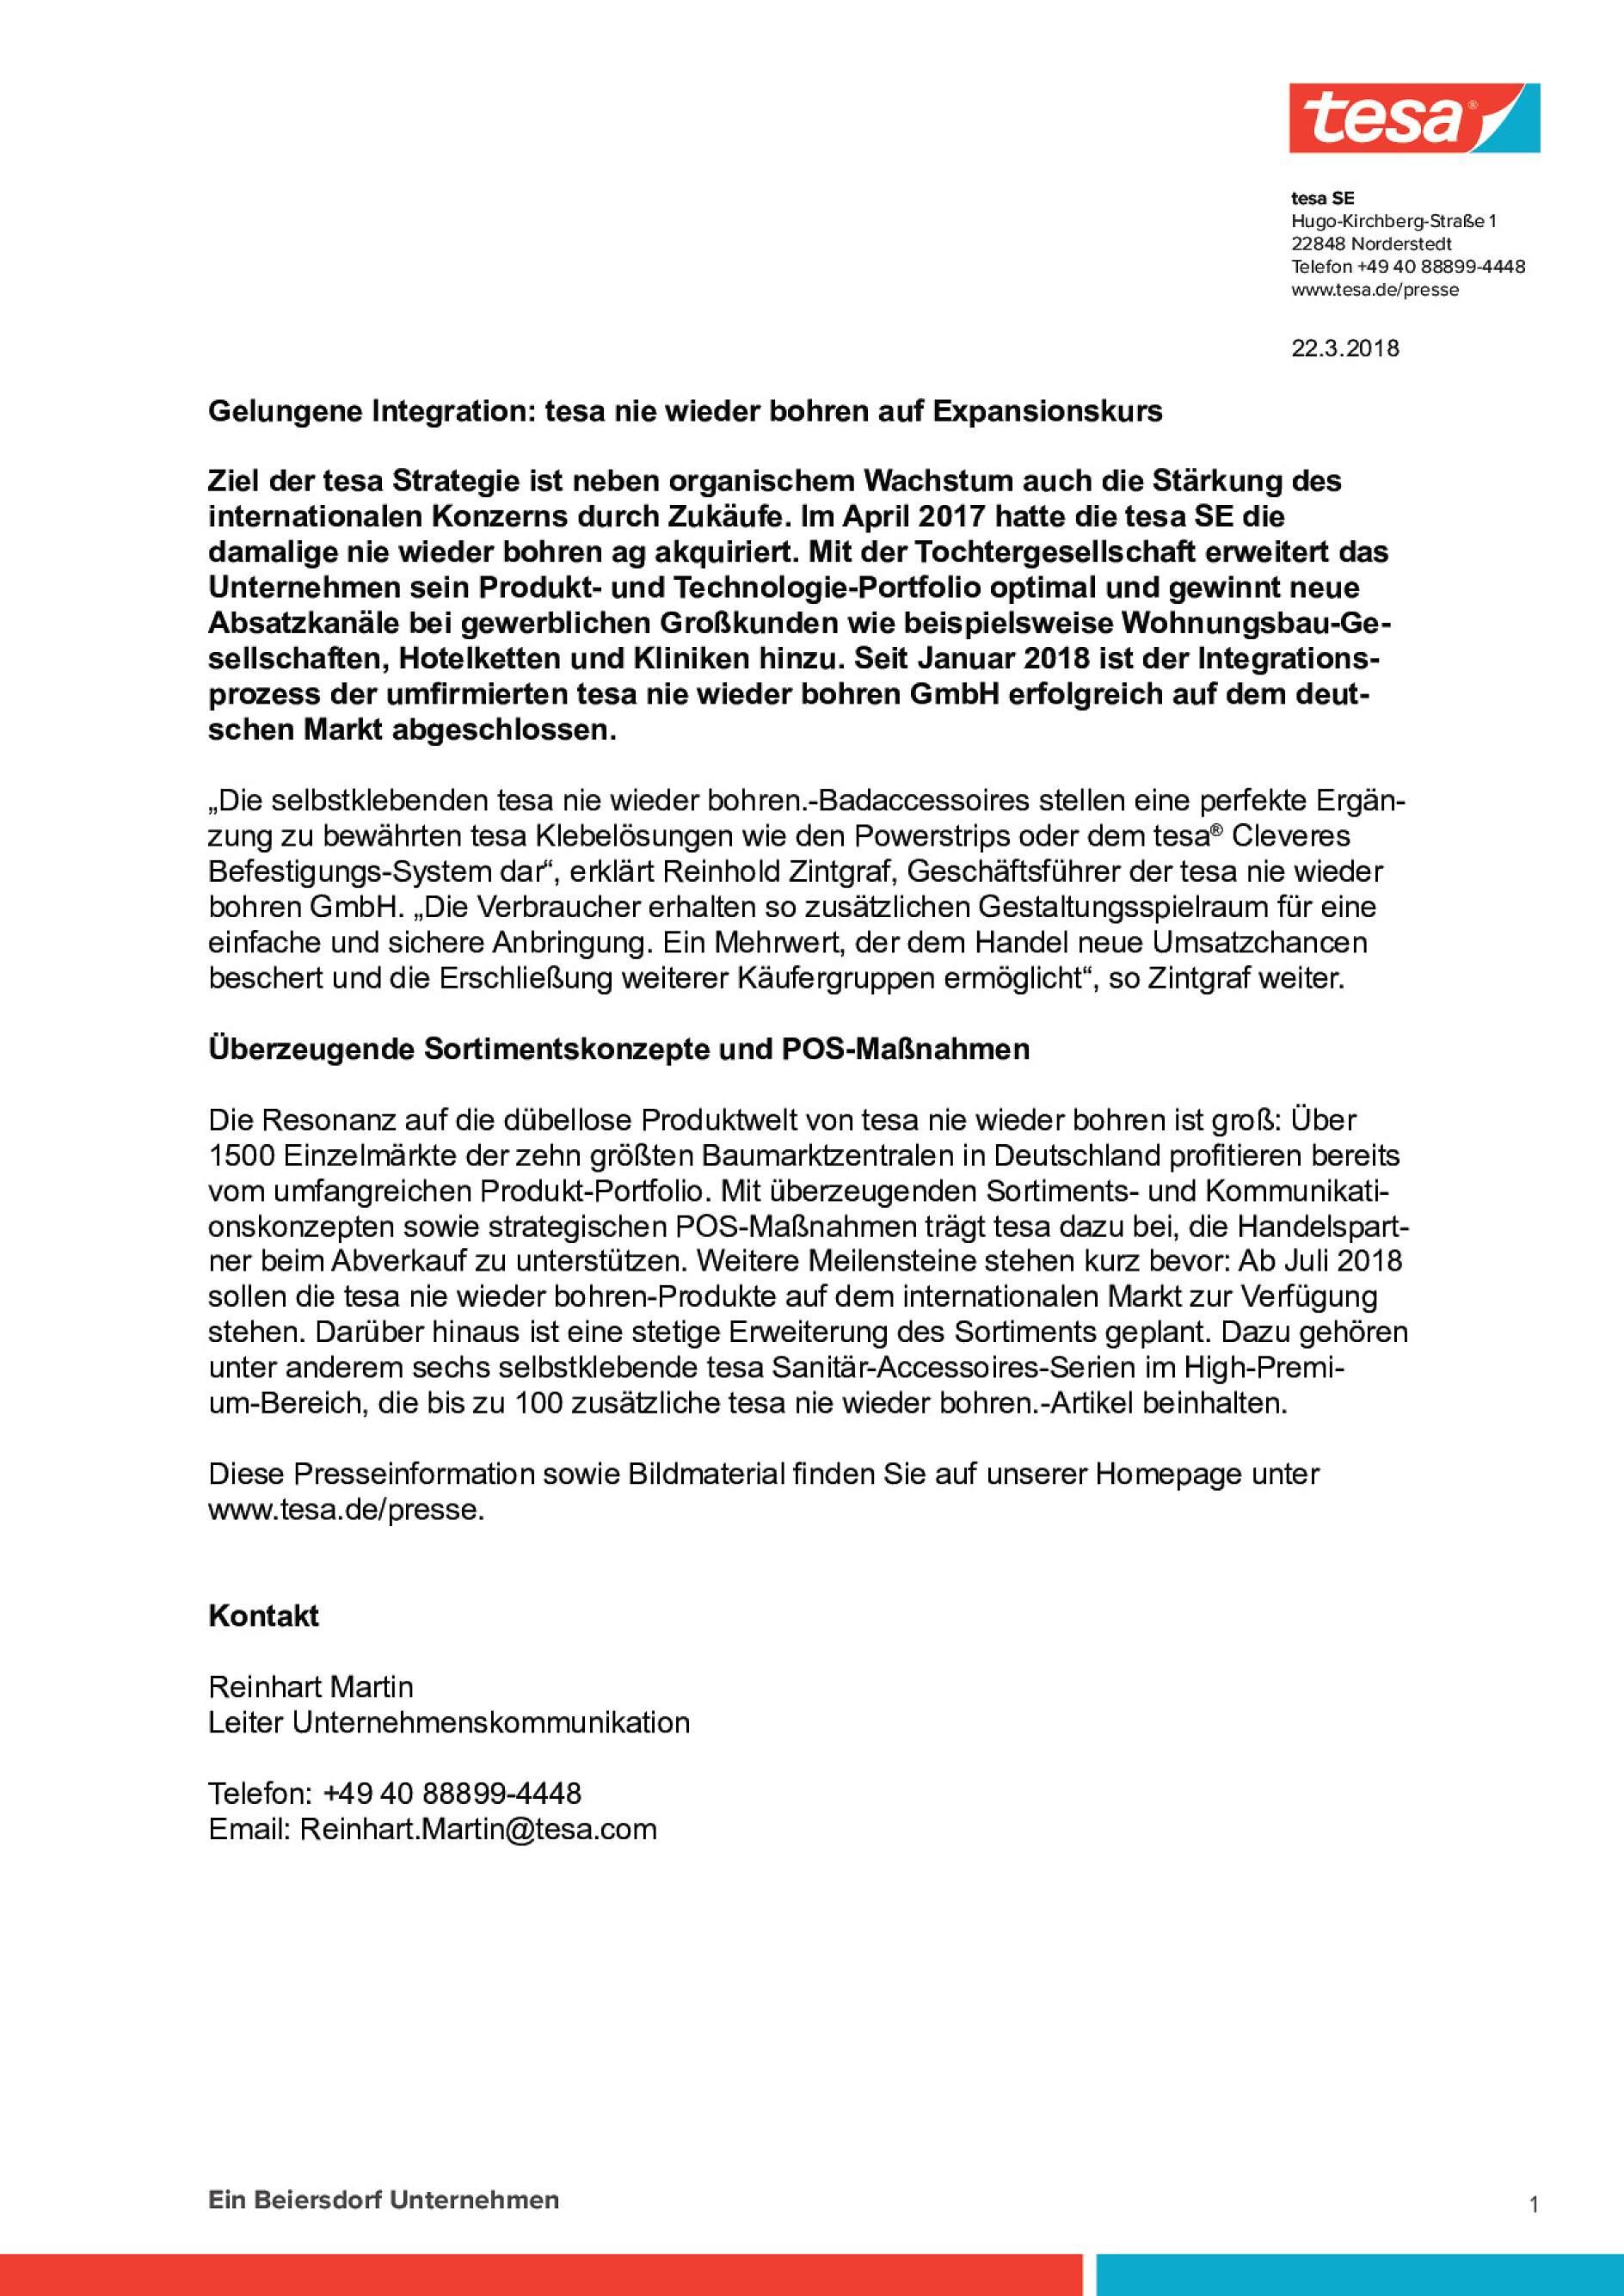 Fantastisch Schreiben Sie Wieder Geschäftsnamen Galerie - Entry ...